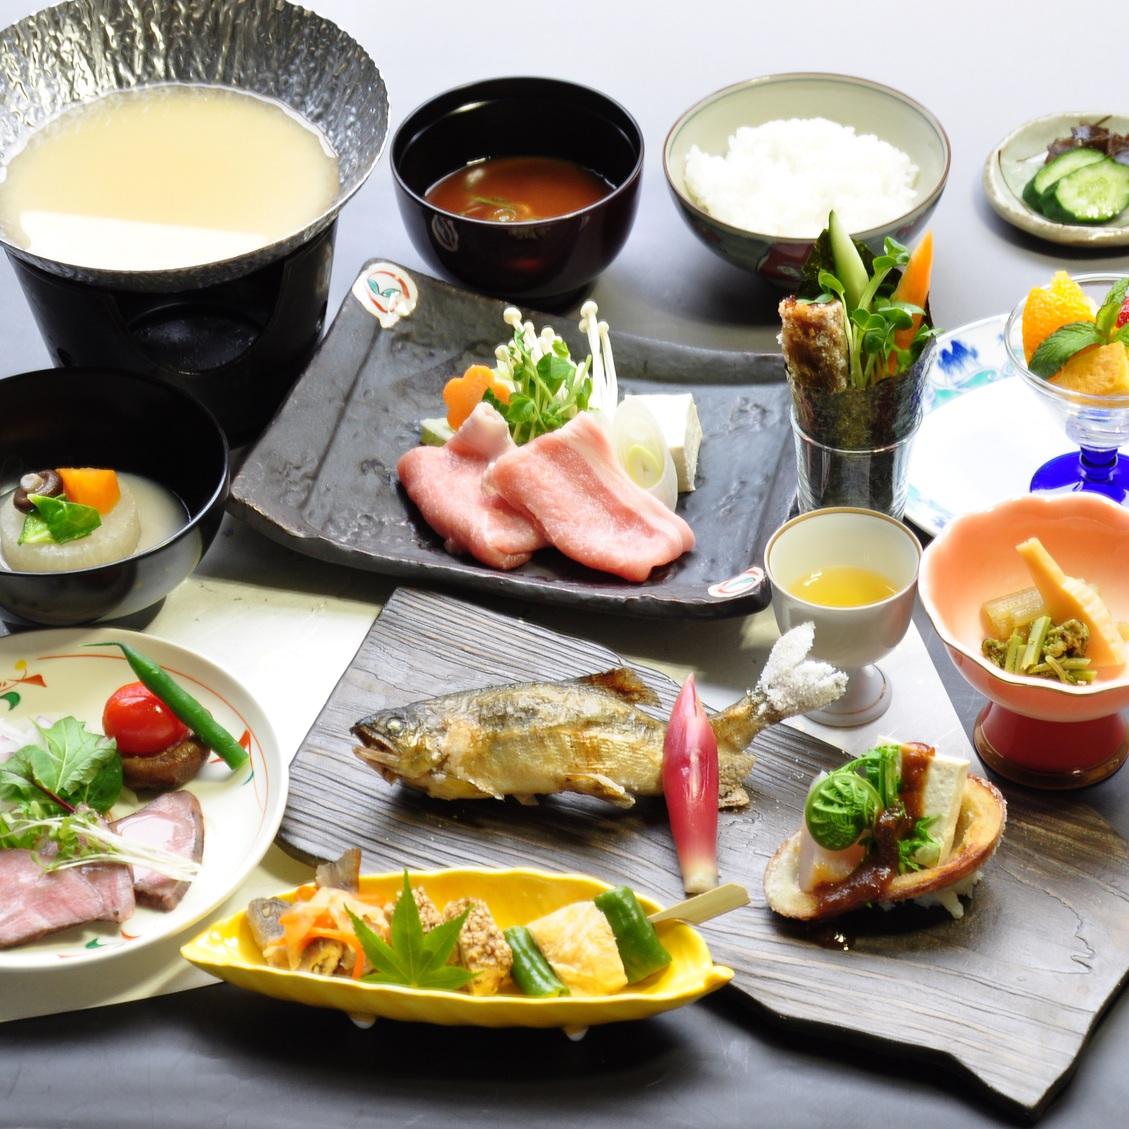 【楽パック限定】にし阿波の食材を愉しむ 旬の味覚を満喫 郷土料理堪能プラン!!